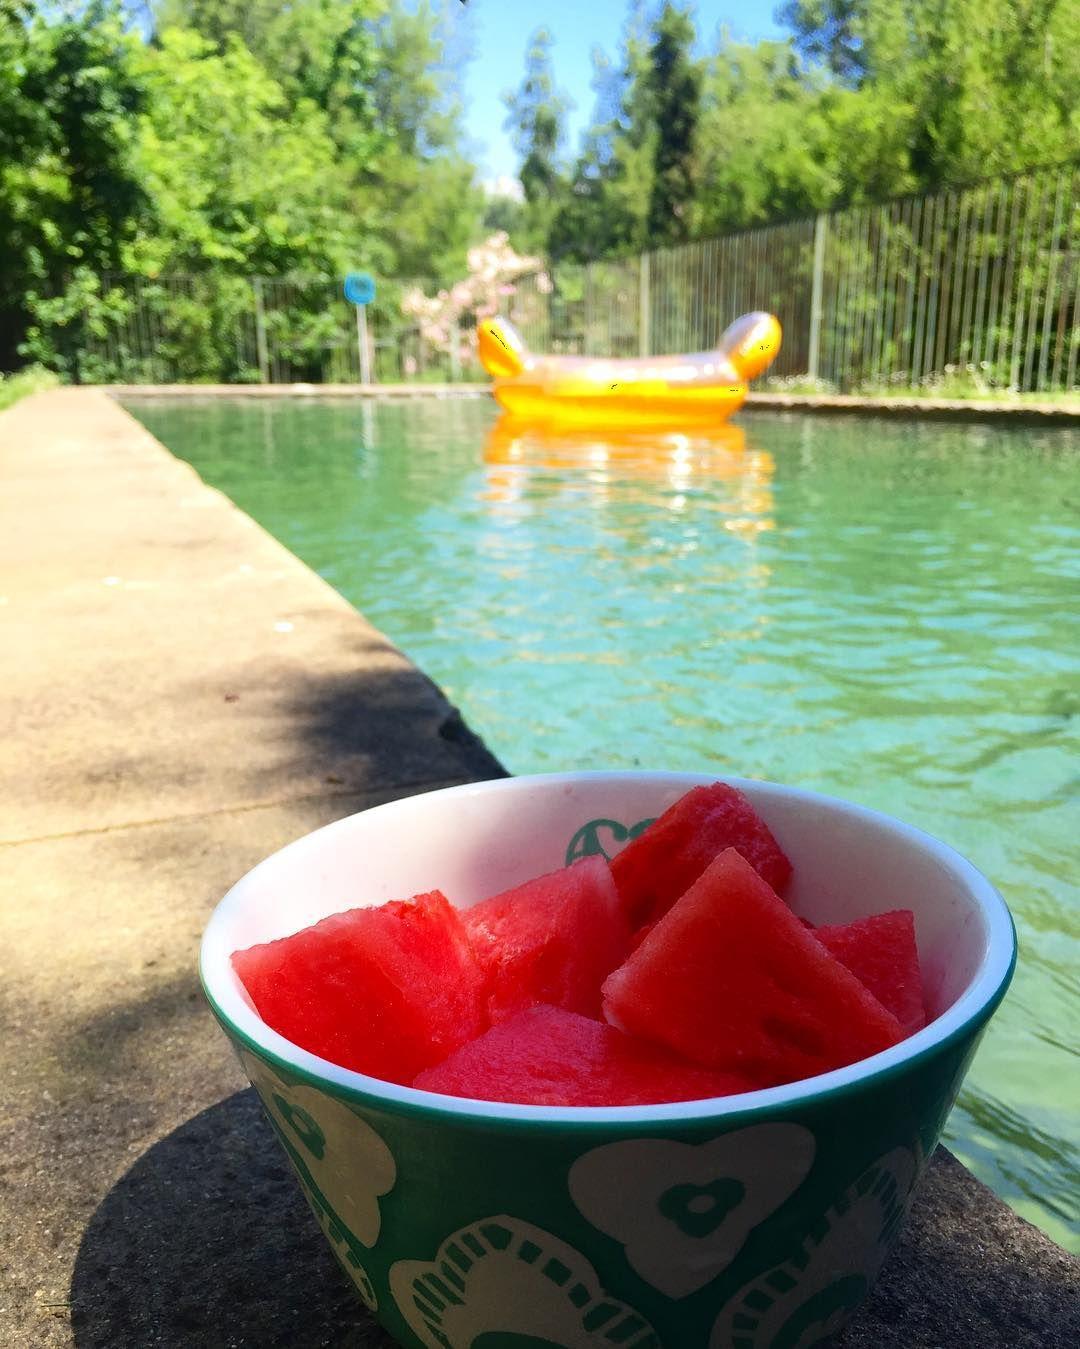 La mejor manera de escapar de la ola de calor  #sandia